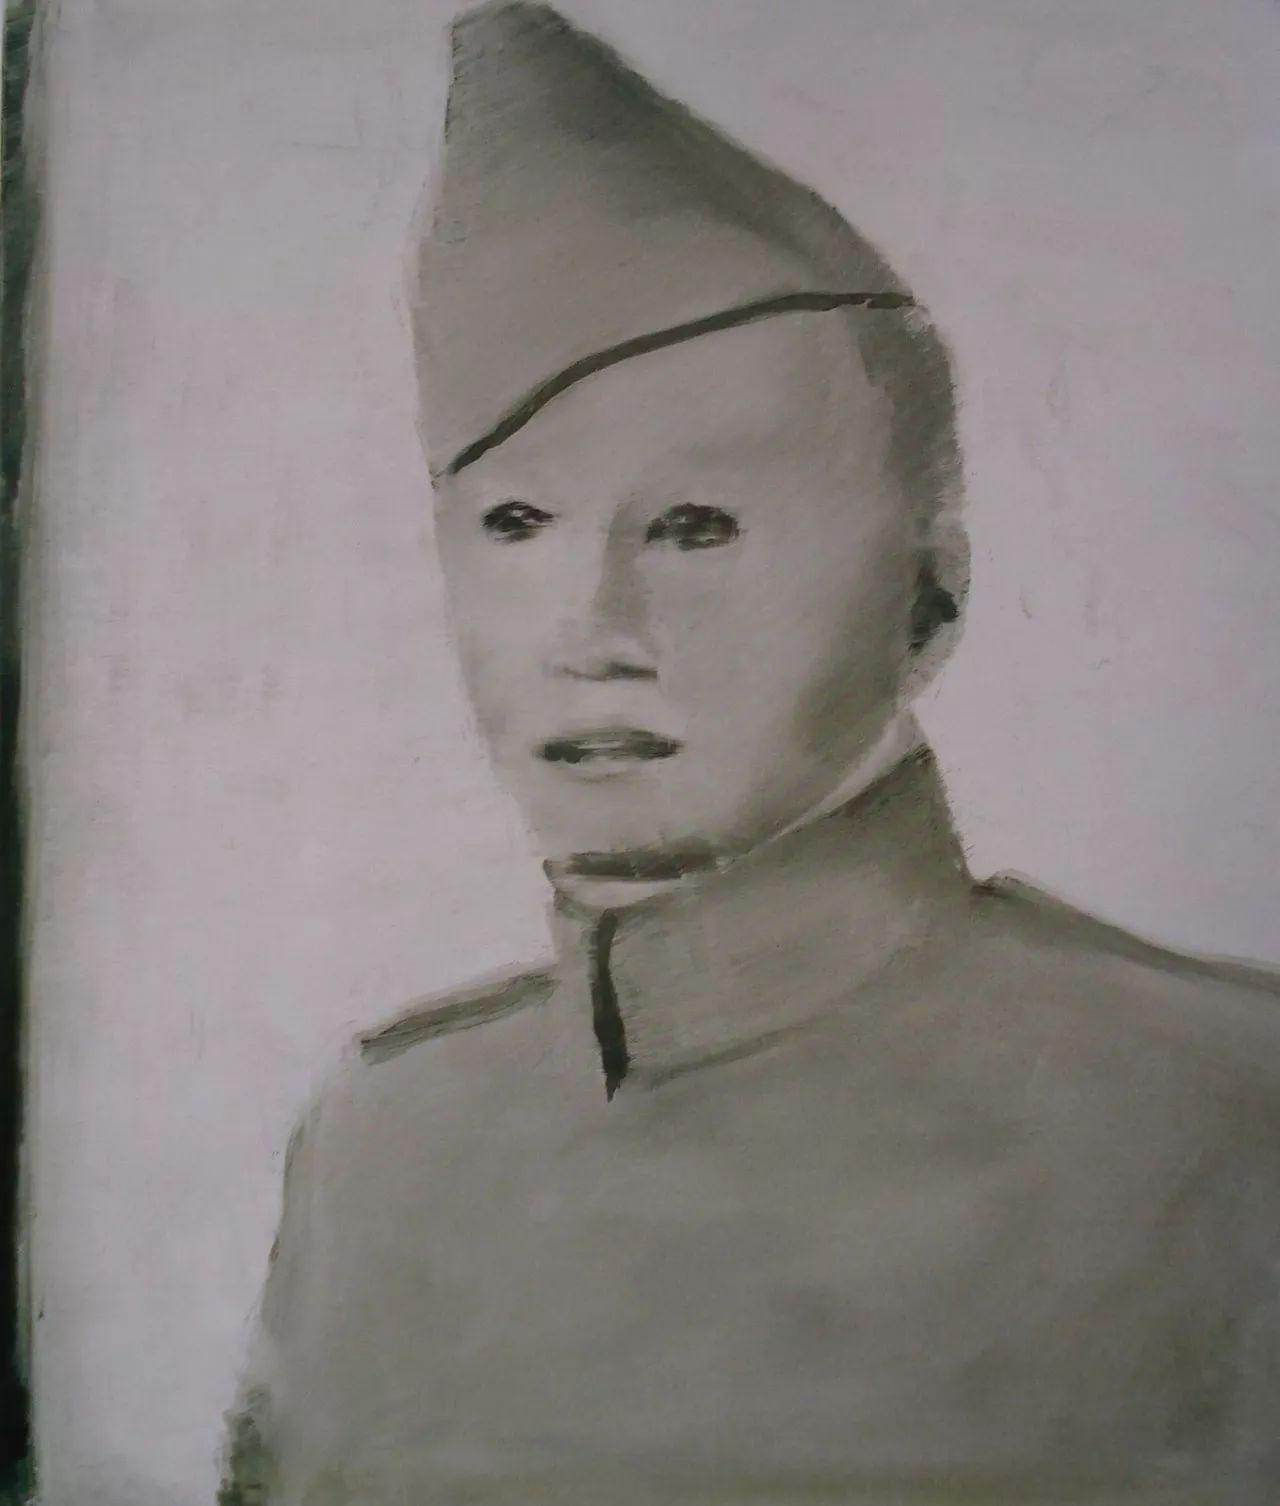 Obraz Luca Tuymansa przedstawiający żołnierza